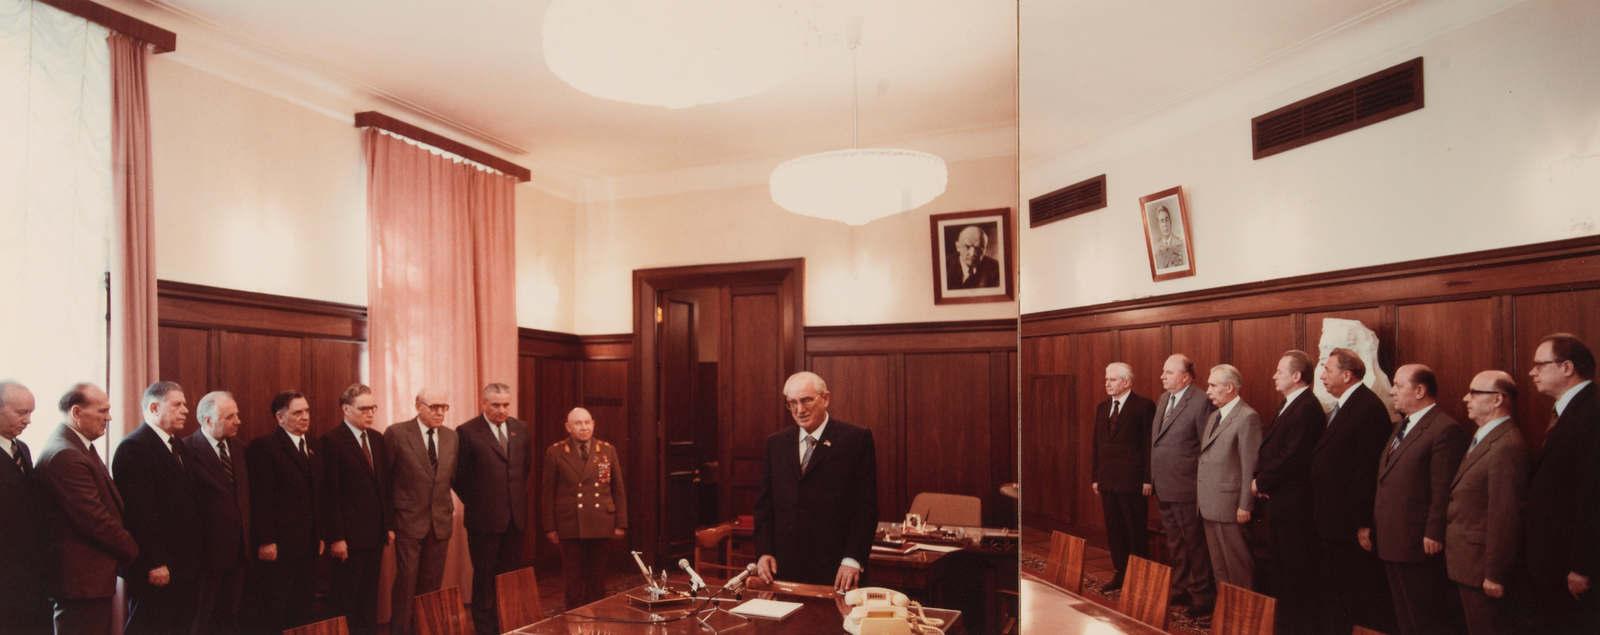 Rarissime photographie inédite du « collegium » du KGB (URSS) datant de 1982